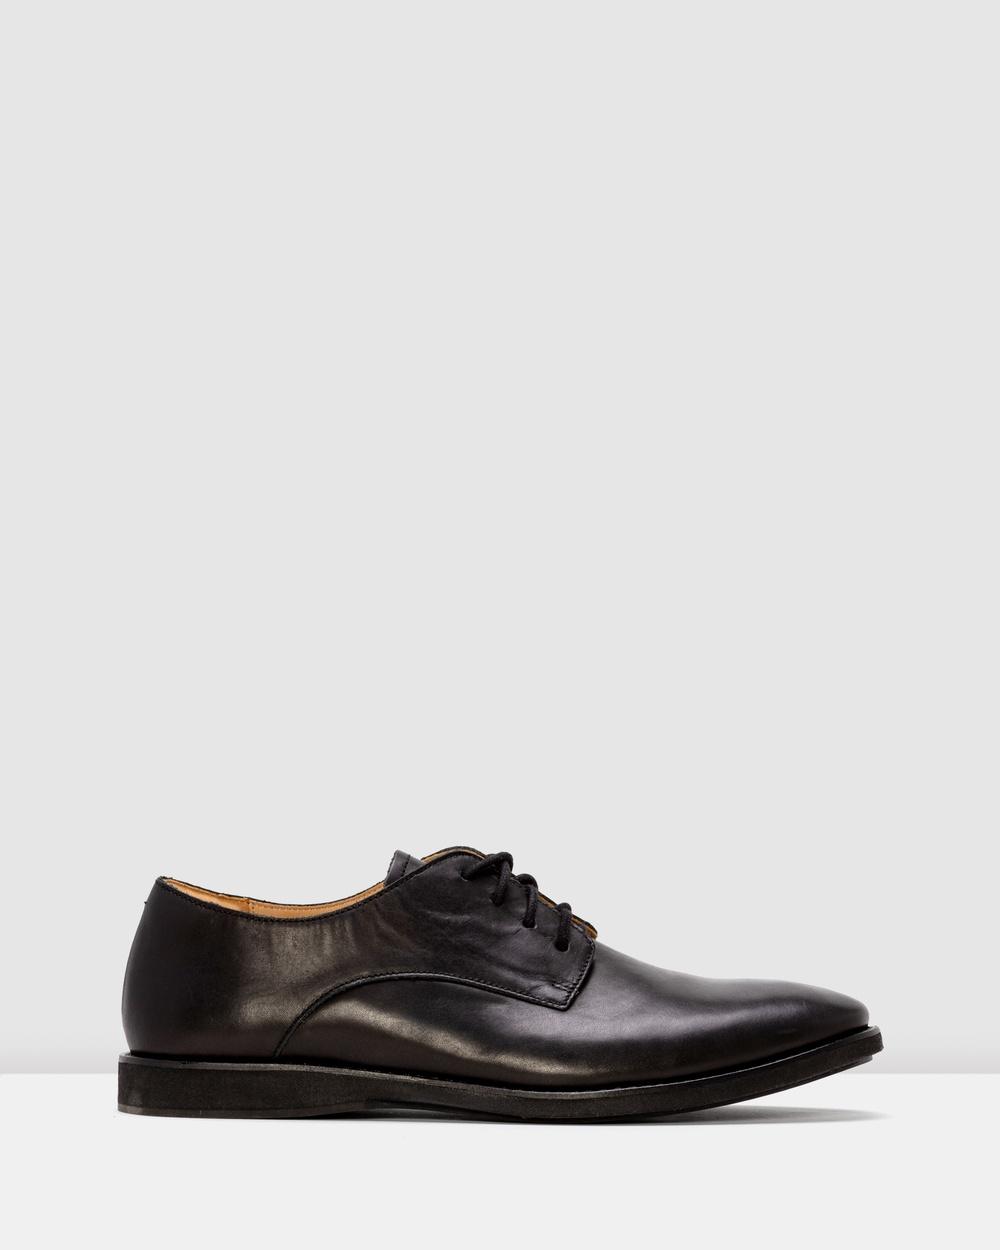 Rollie Derby Mens Shoes Flats Black Australia